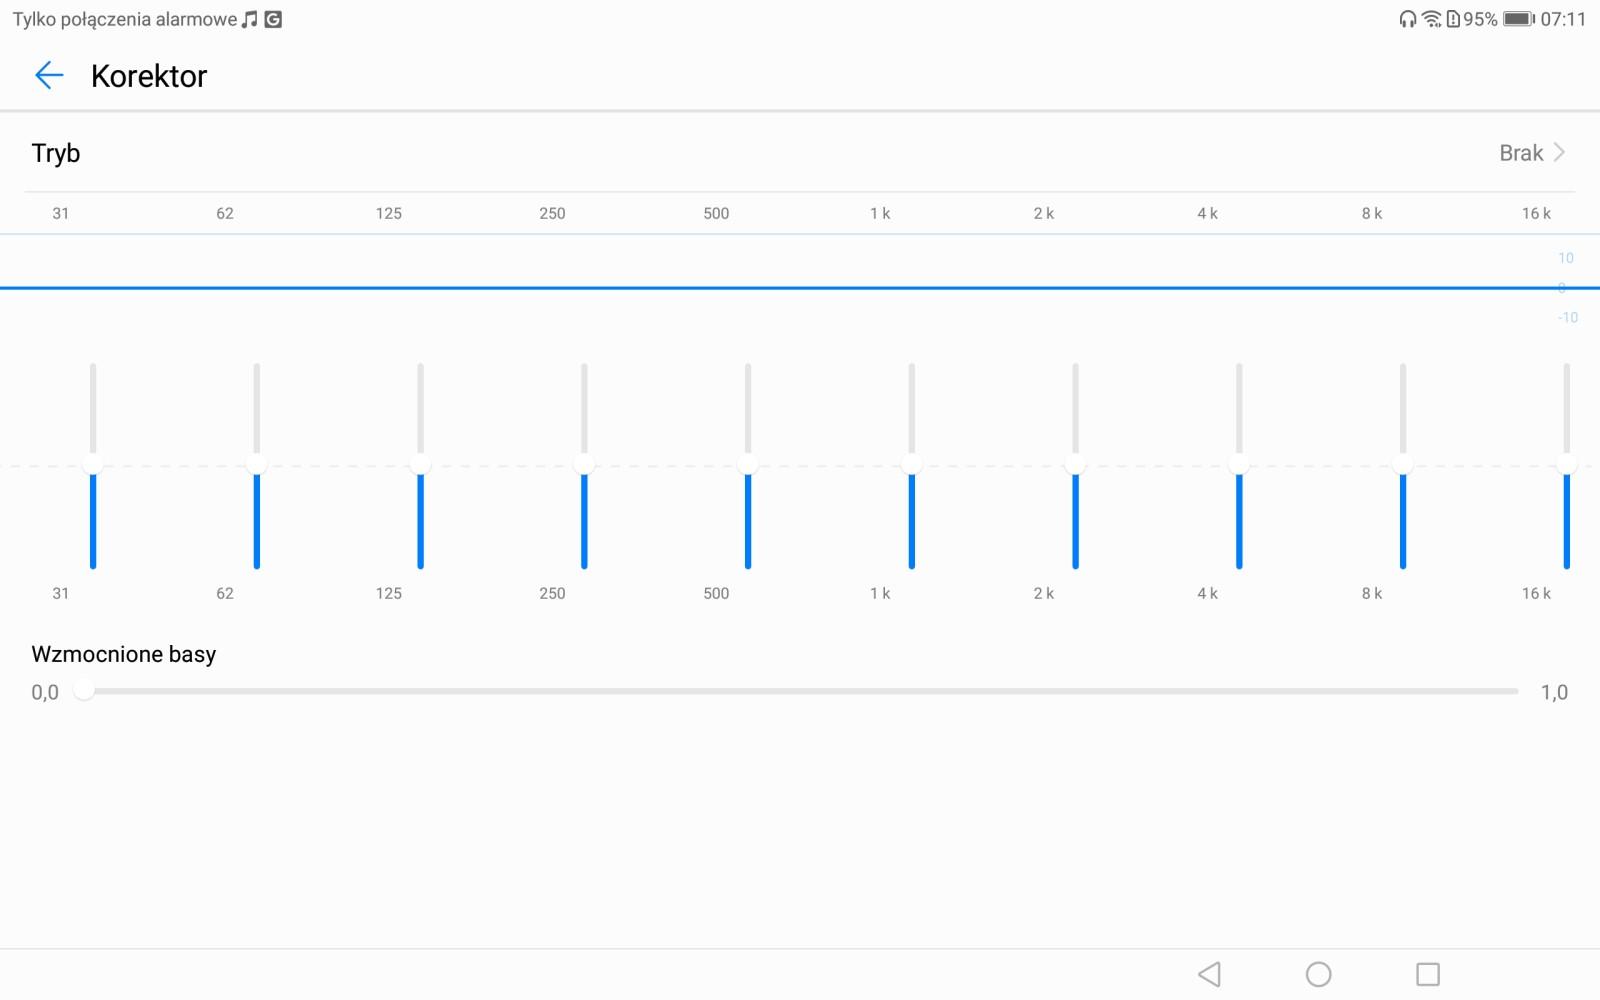 Ustawienia Huawei Histen na tablecie MediaPadzie M5 - recenzja 90sekund.pl